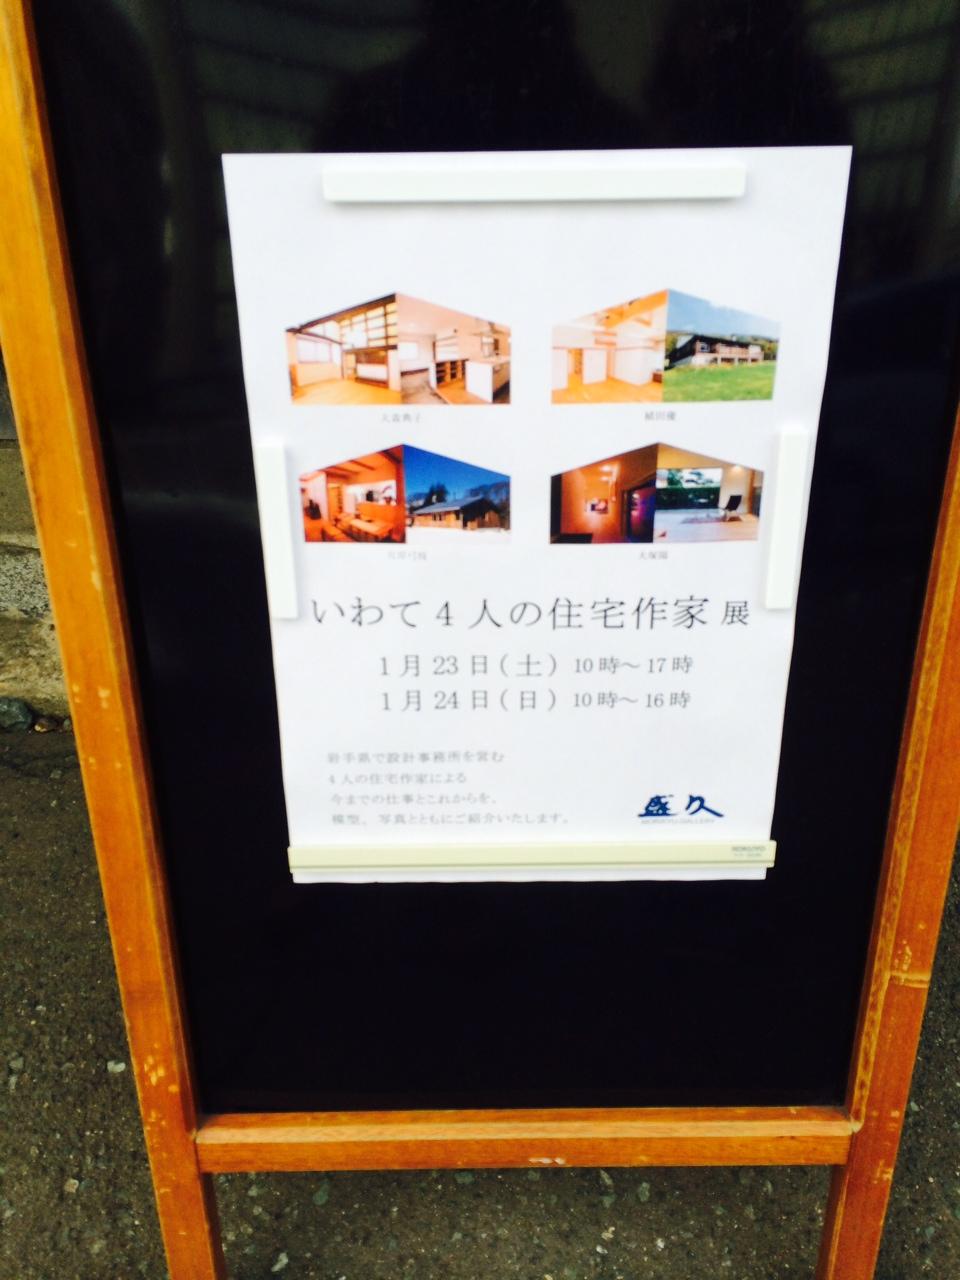 いわて4人の住宅作家展_e0277474_19361698.jpg